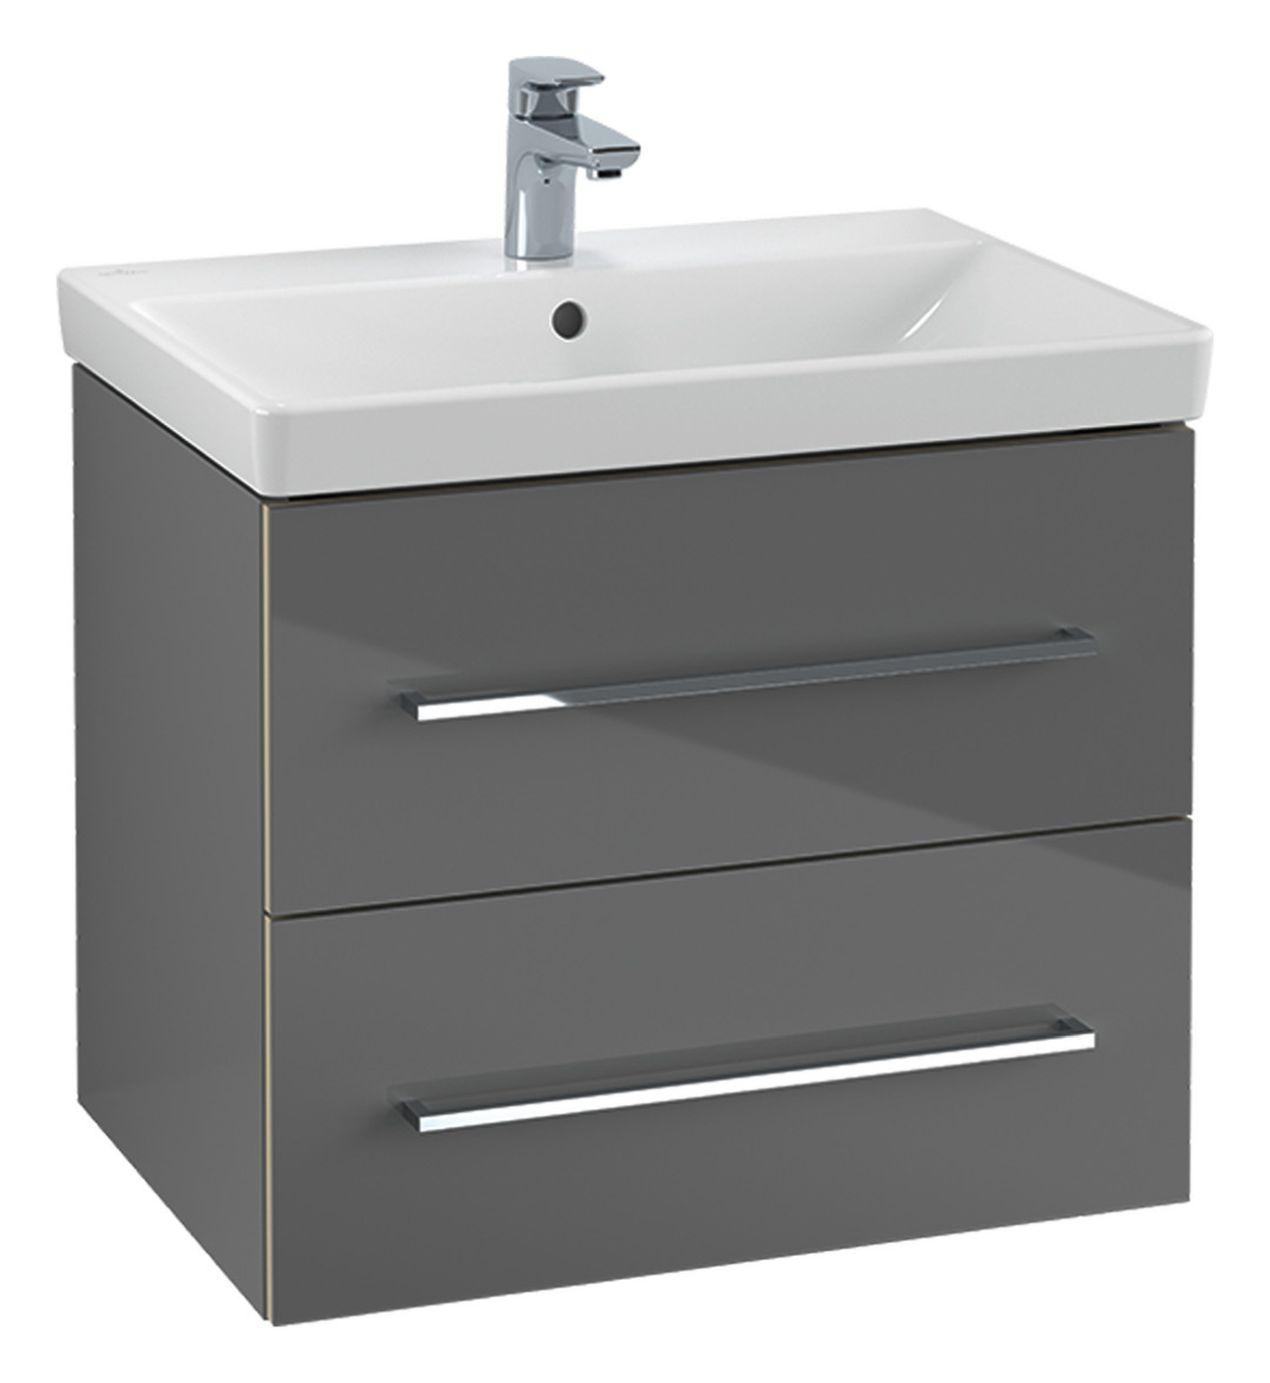 Villeroy & Boch Avento Waschtischunterschrank mit 2 Auszügen B:56,7 x H:52 x T:44,7 cm crystal white A88900B4